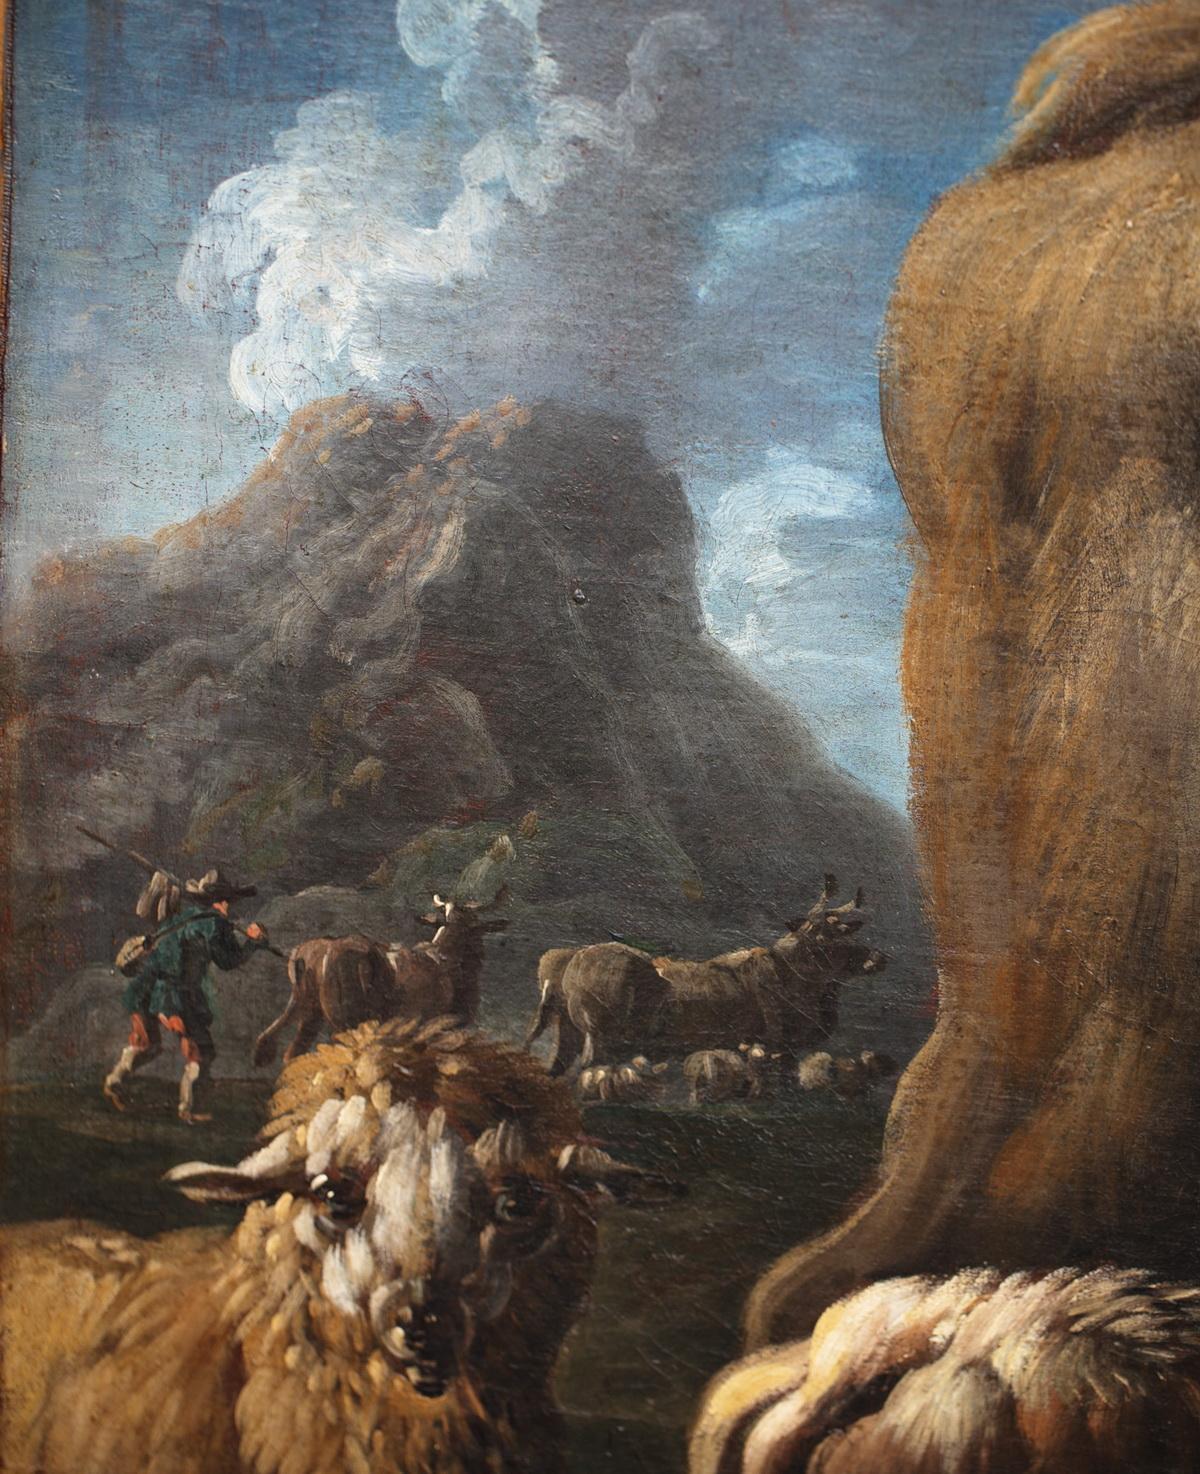 Philipp Peter ROOS dit ROSA DA TIVOLI 1657-1706